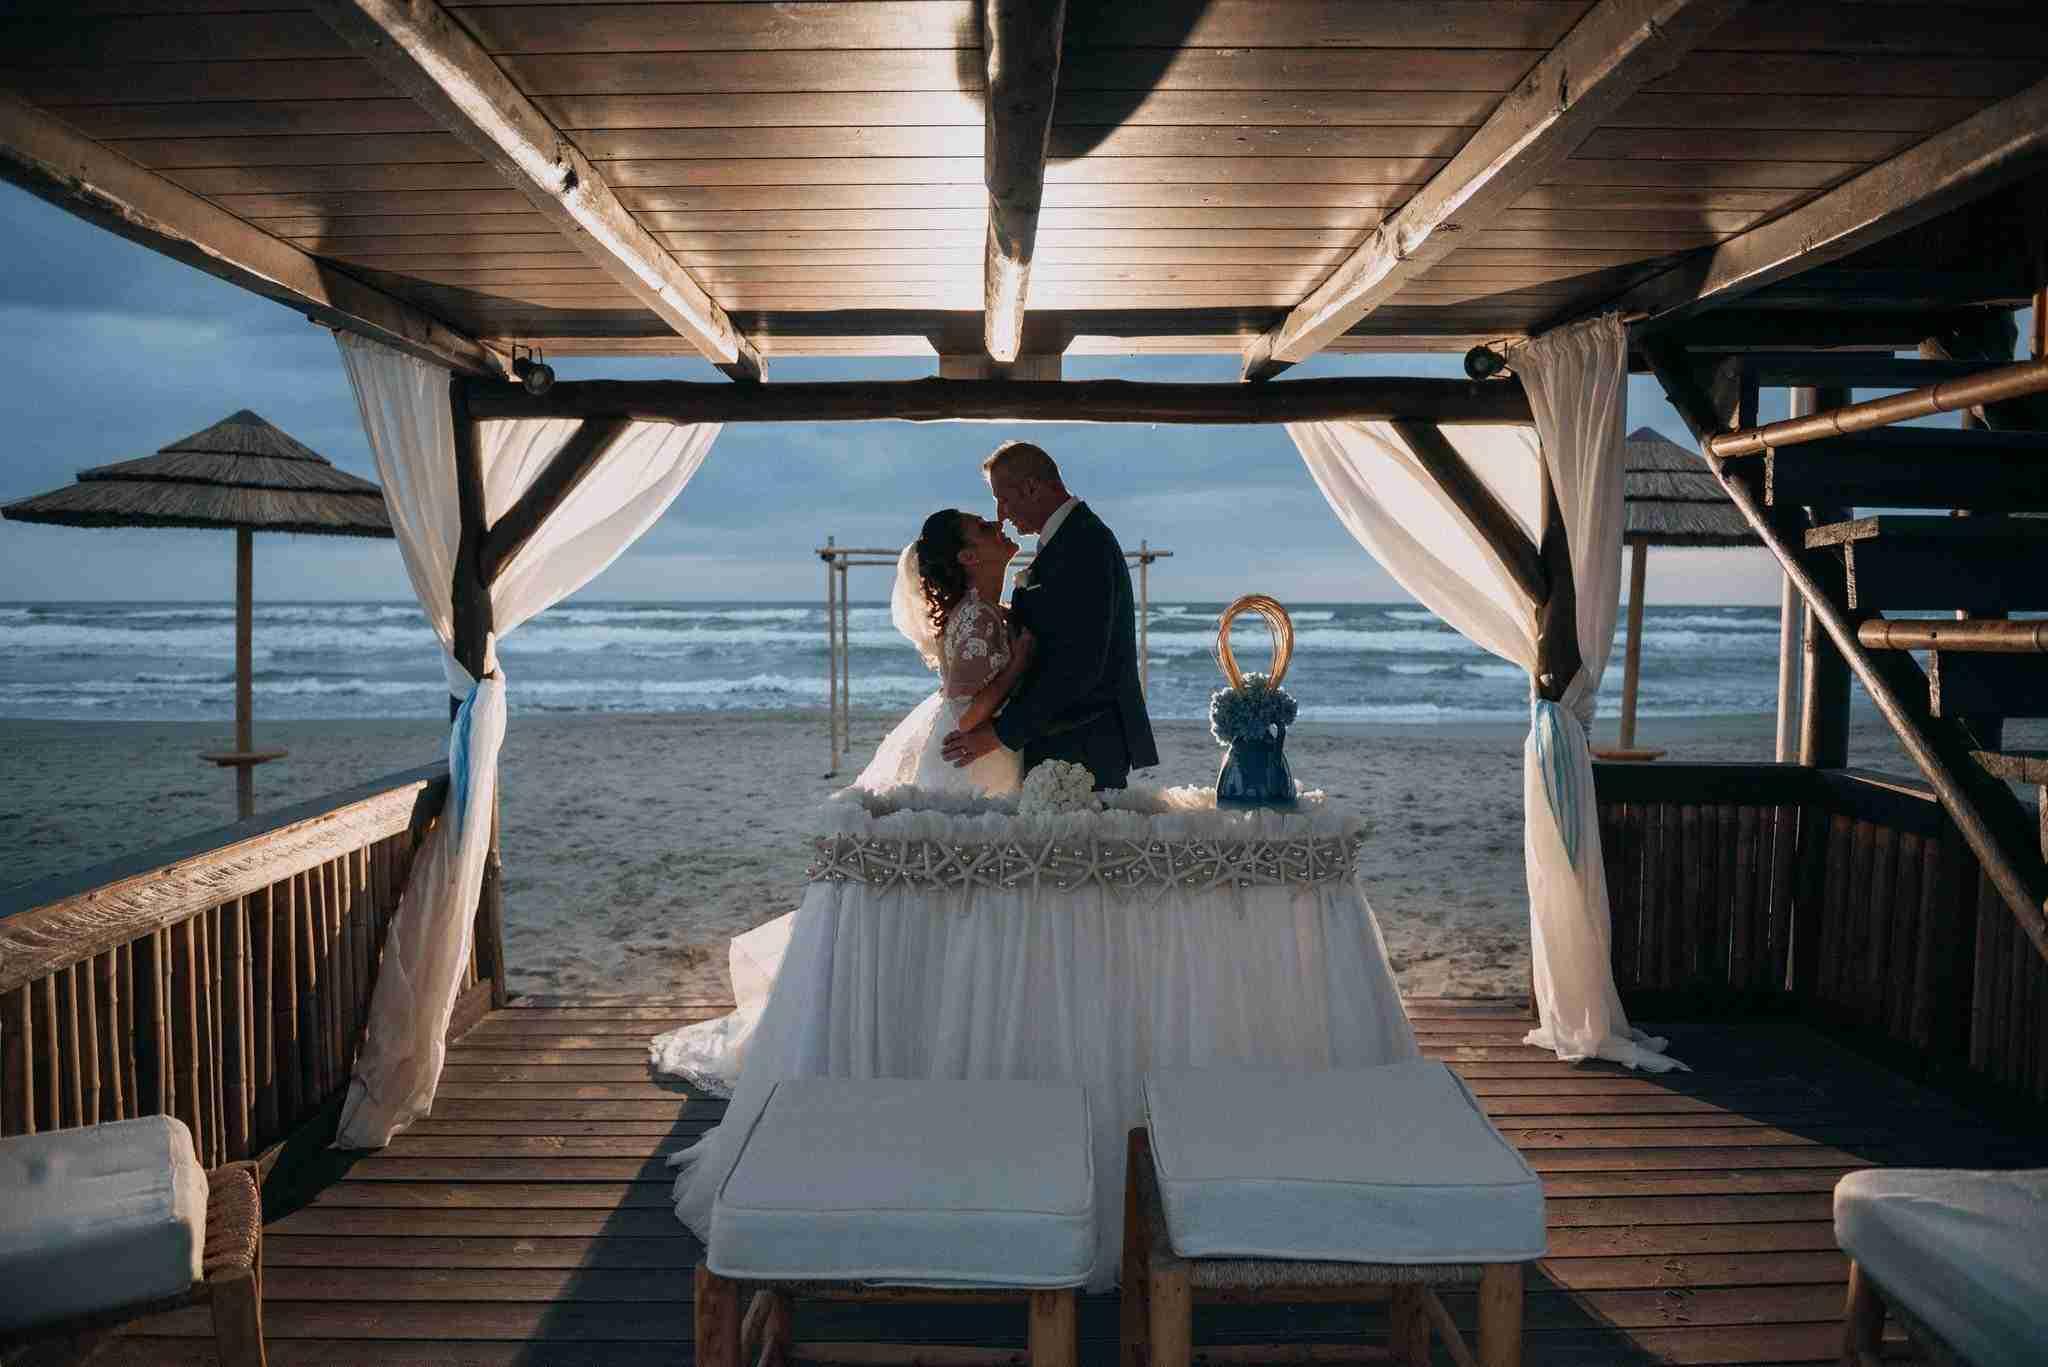 Matrimonio al Mare al Naut in Club: gazebo sulla spiaggia